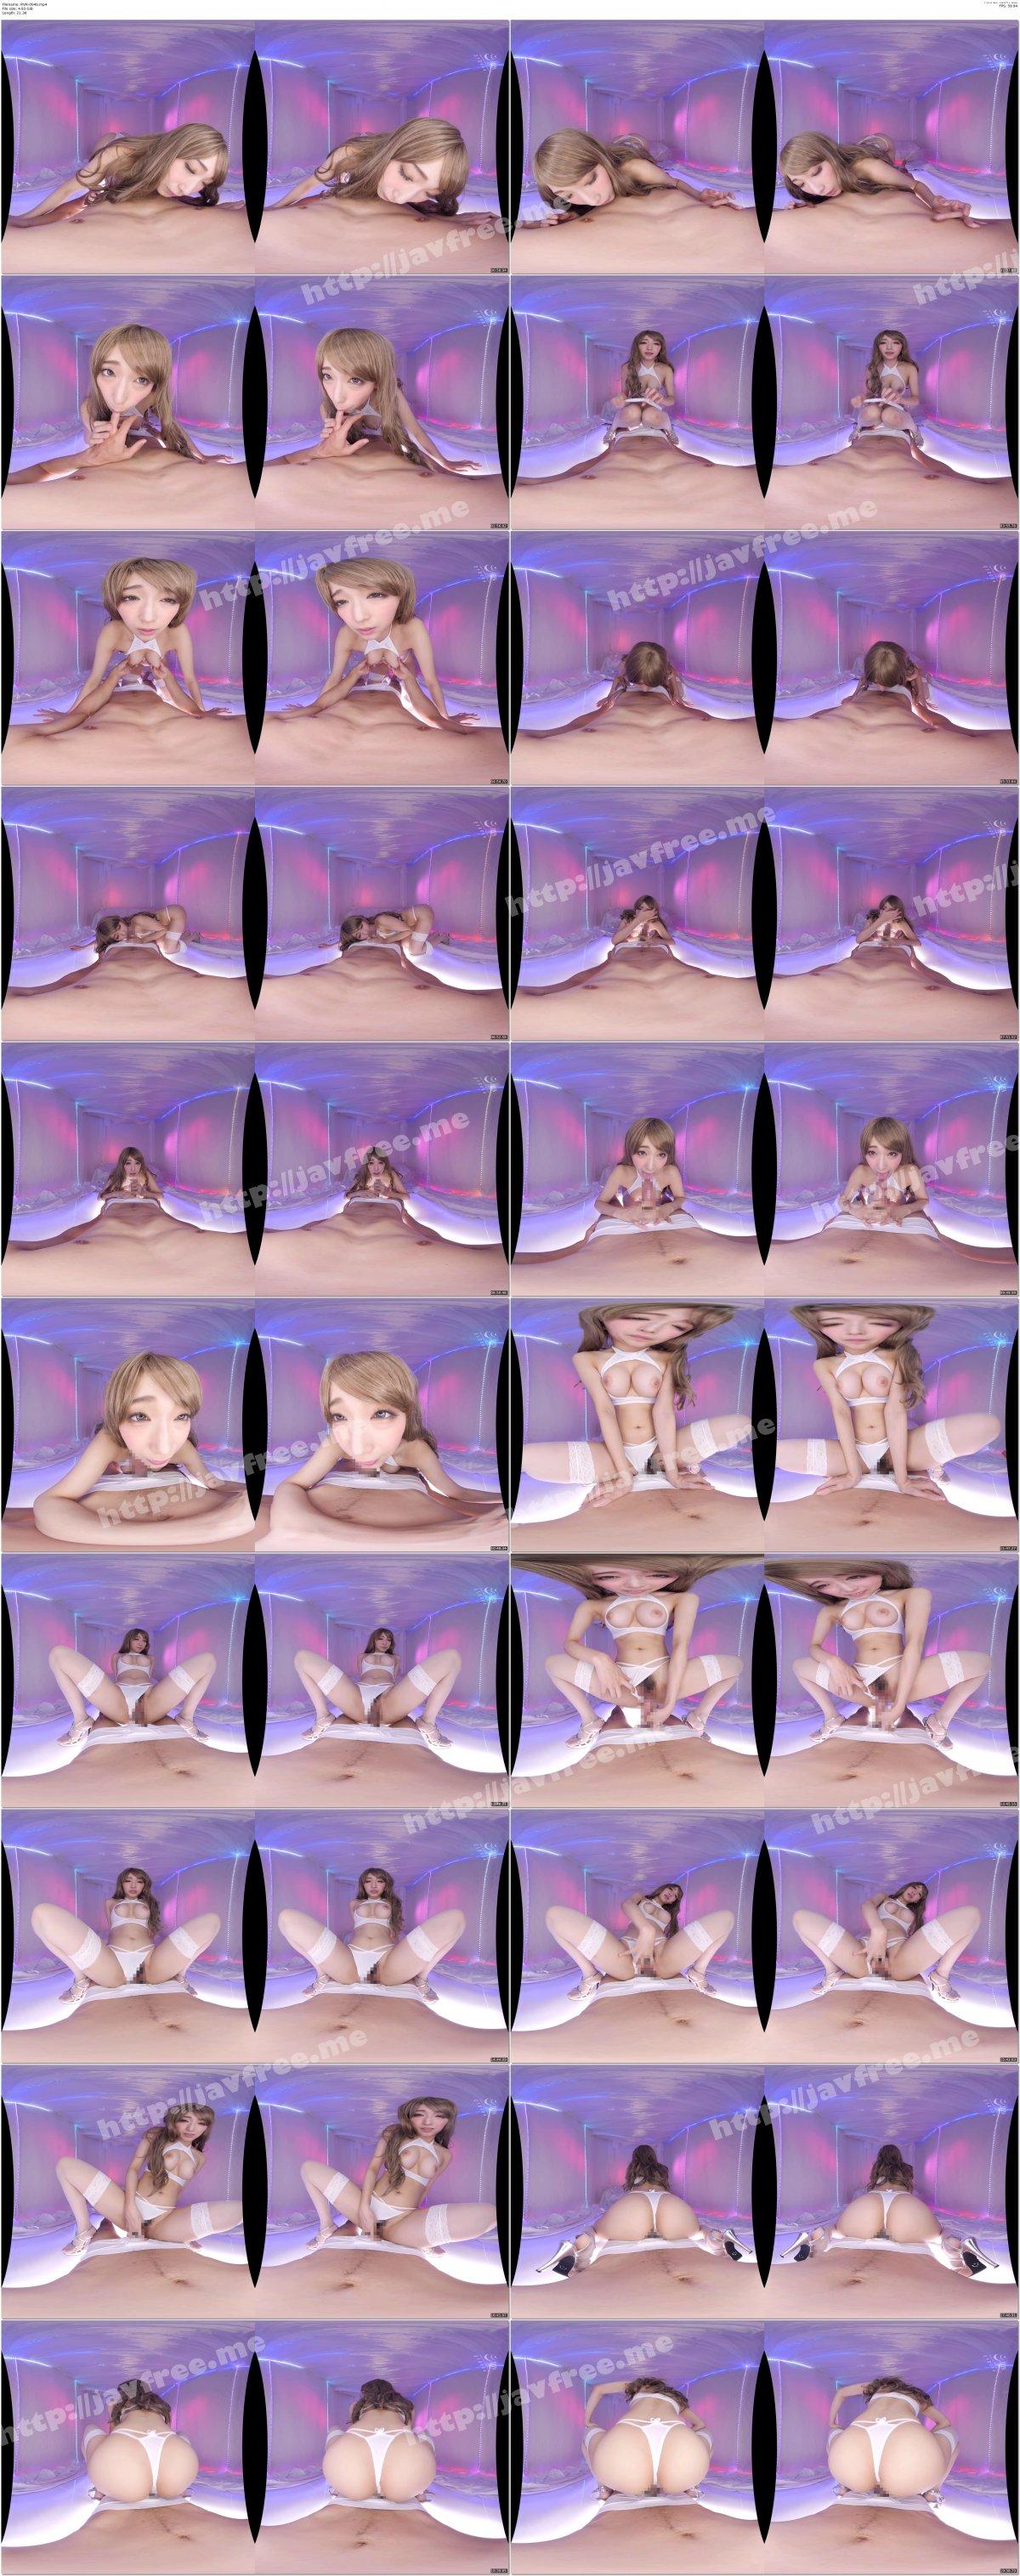 [RVR-004] 【VR】世界で一番エロく見える蓮実クレアの生々しいフェラチオと気持ち良すぎるSEX - image RVR-004b on https://javfree.me